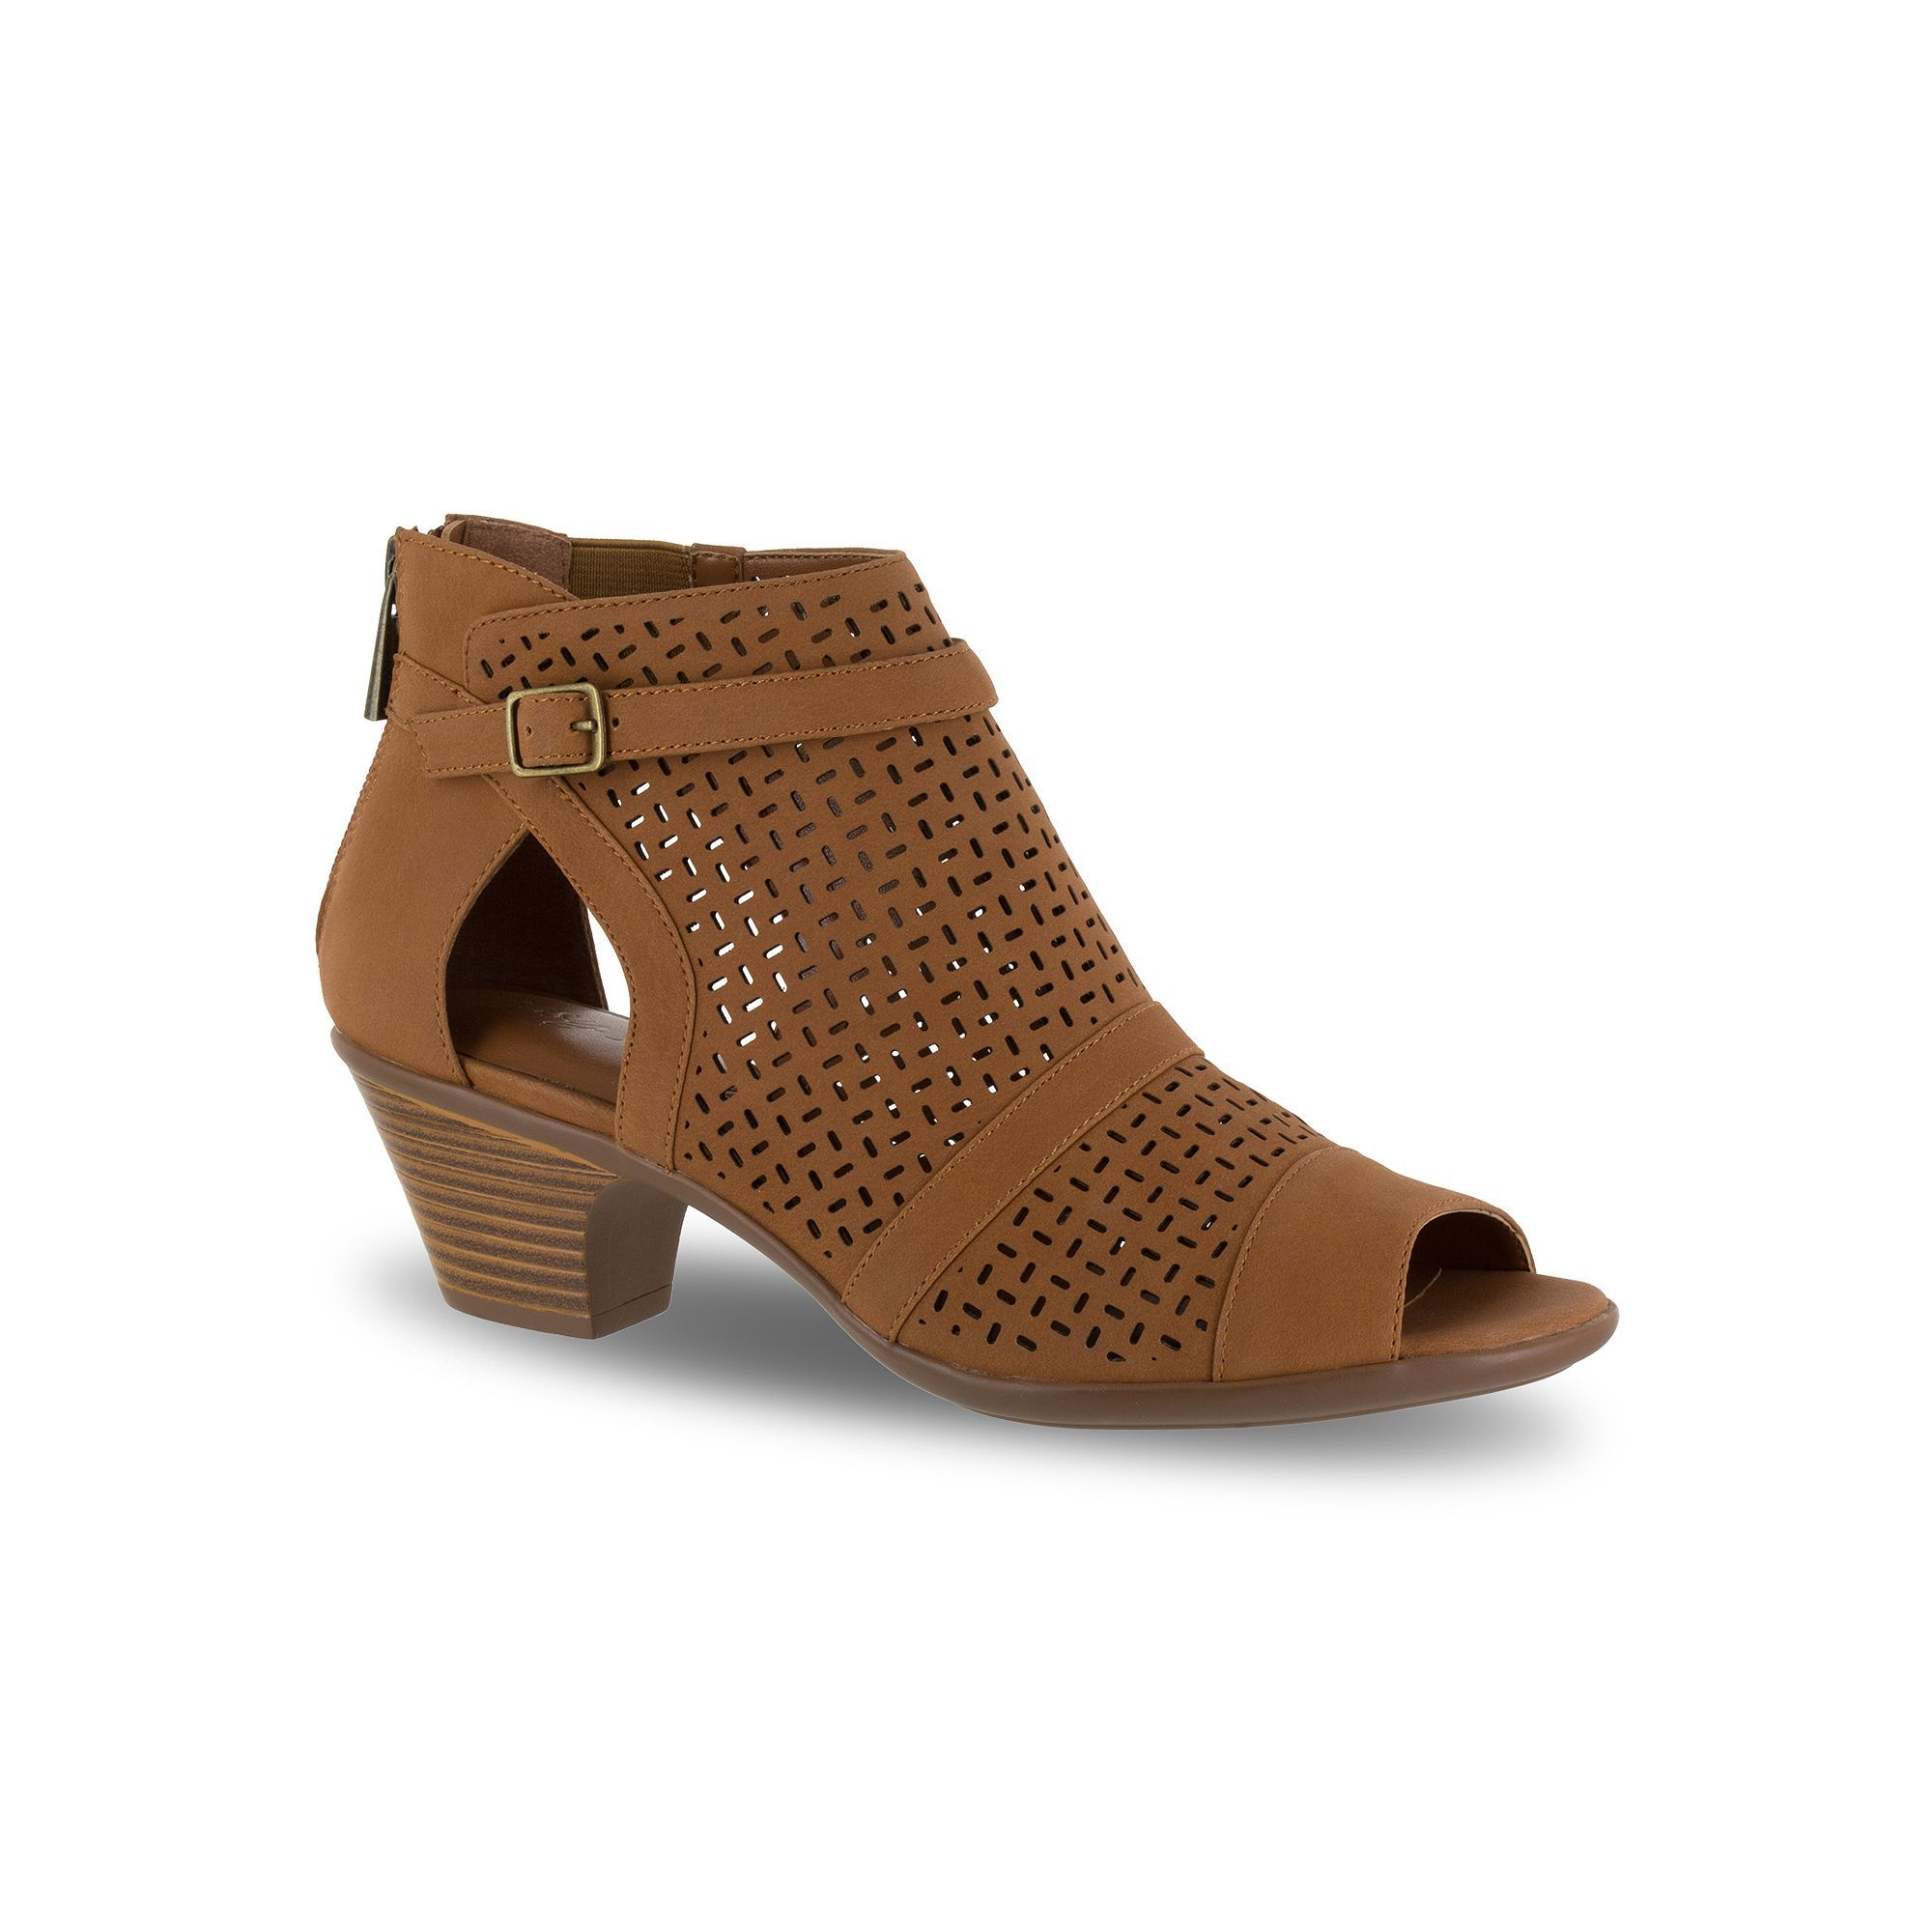 62c7987cd54 Easy Street Carrigan Women s Sandals